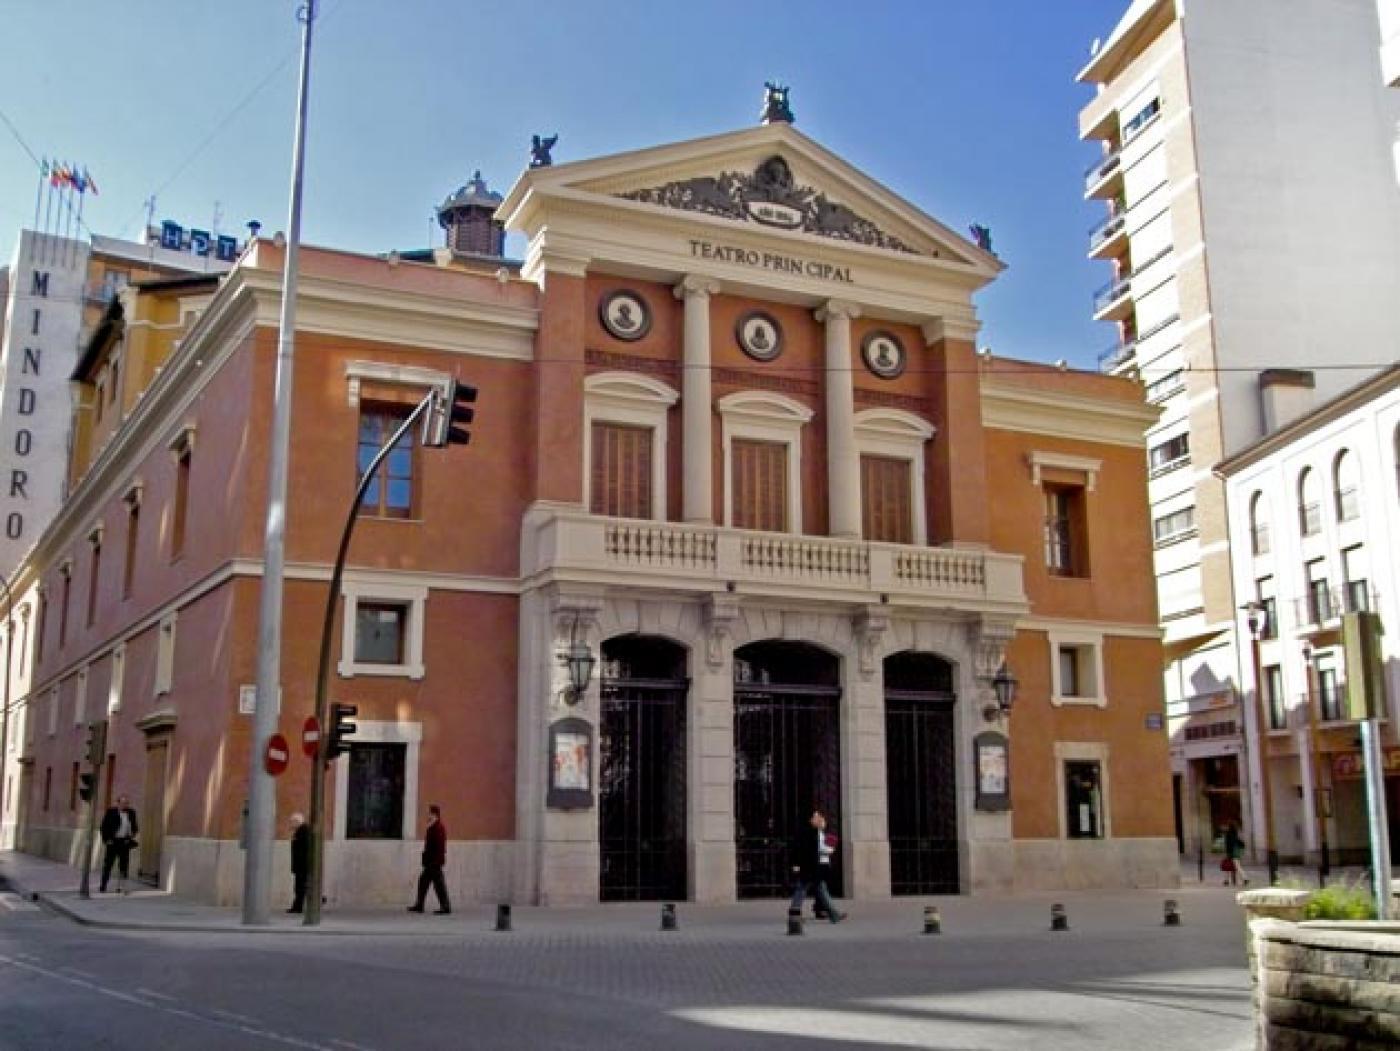 Teatro principal castell n de la plana - Muebles en castellon dela plana ...